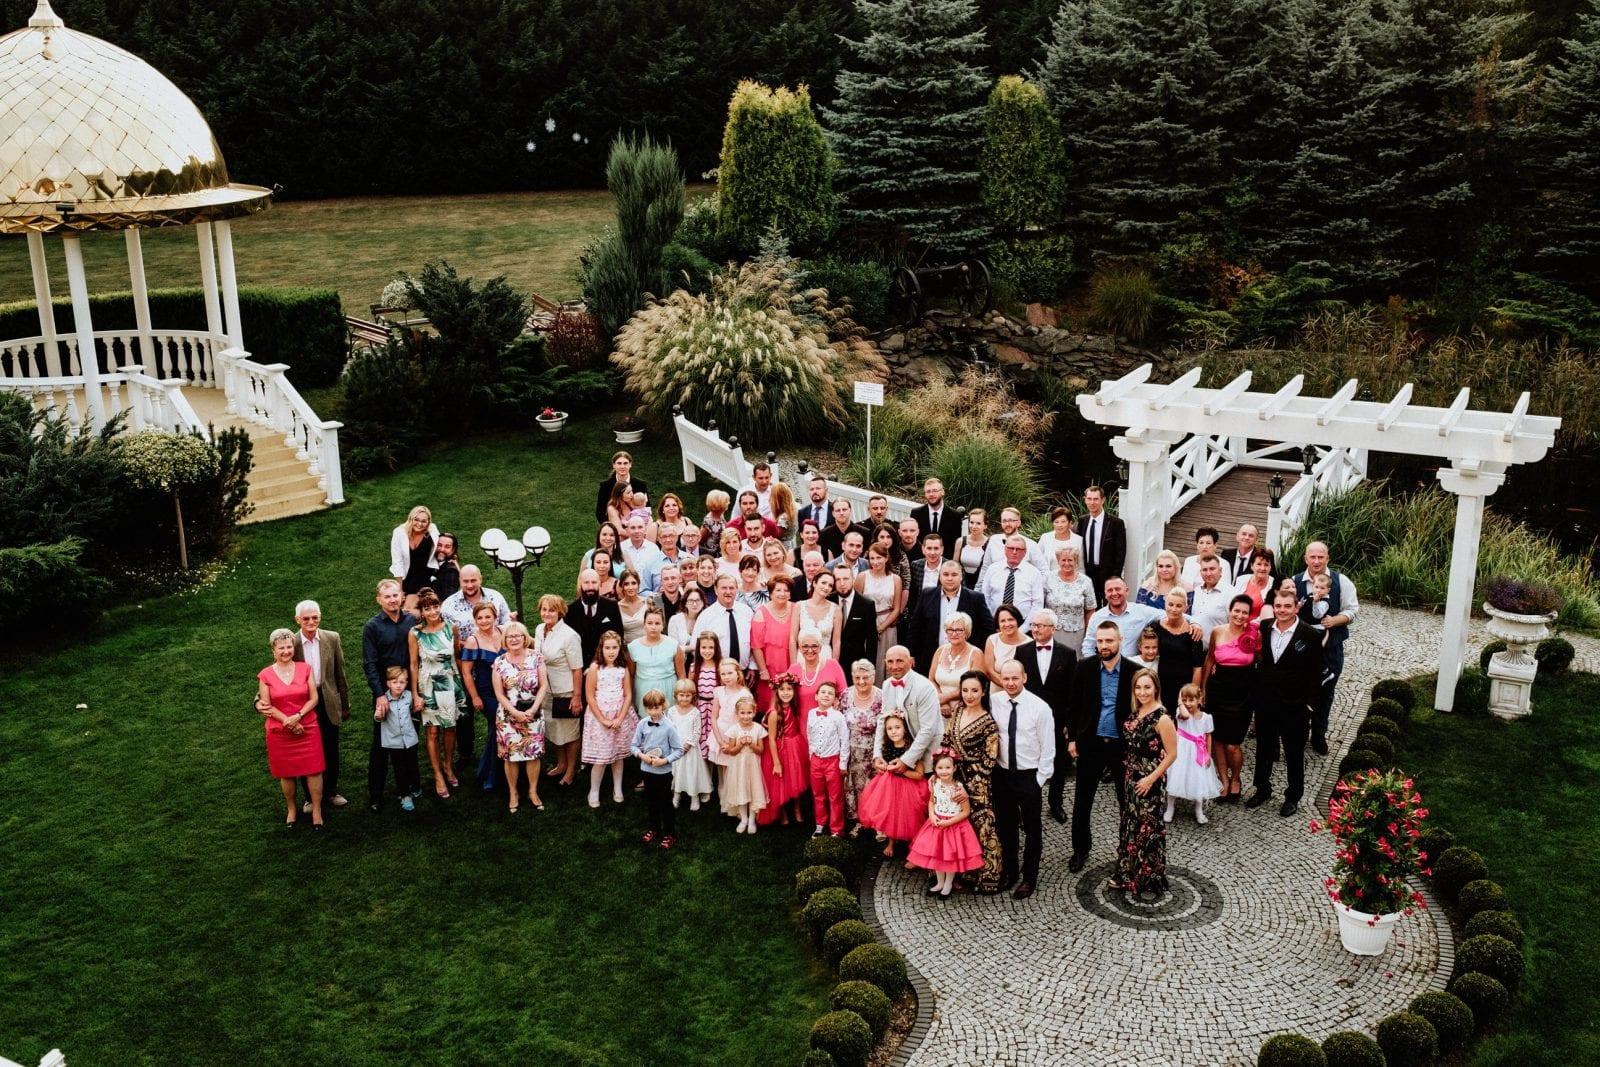 zdjęcie grupowe na ślubie w Dworek Hetmański